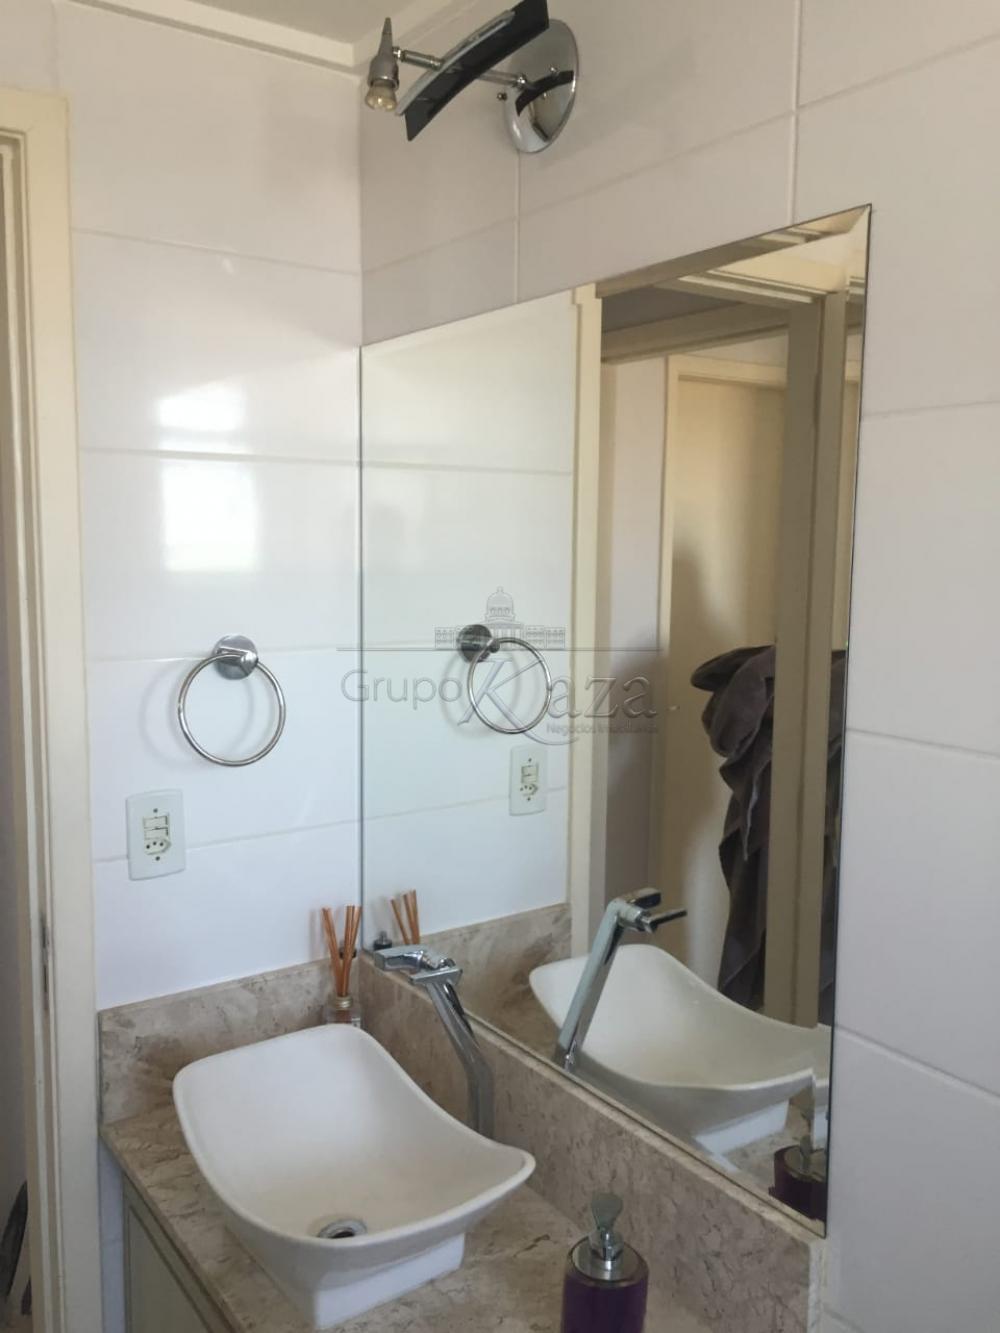 Comprar Apartamento / Padrão em São José dos Campos apenas R$ 372.000,00 - Foto 16